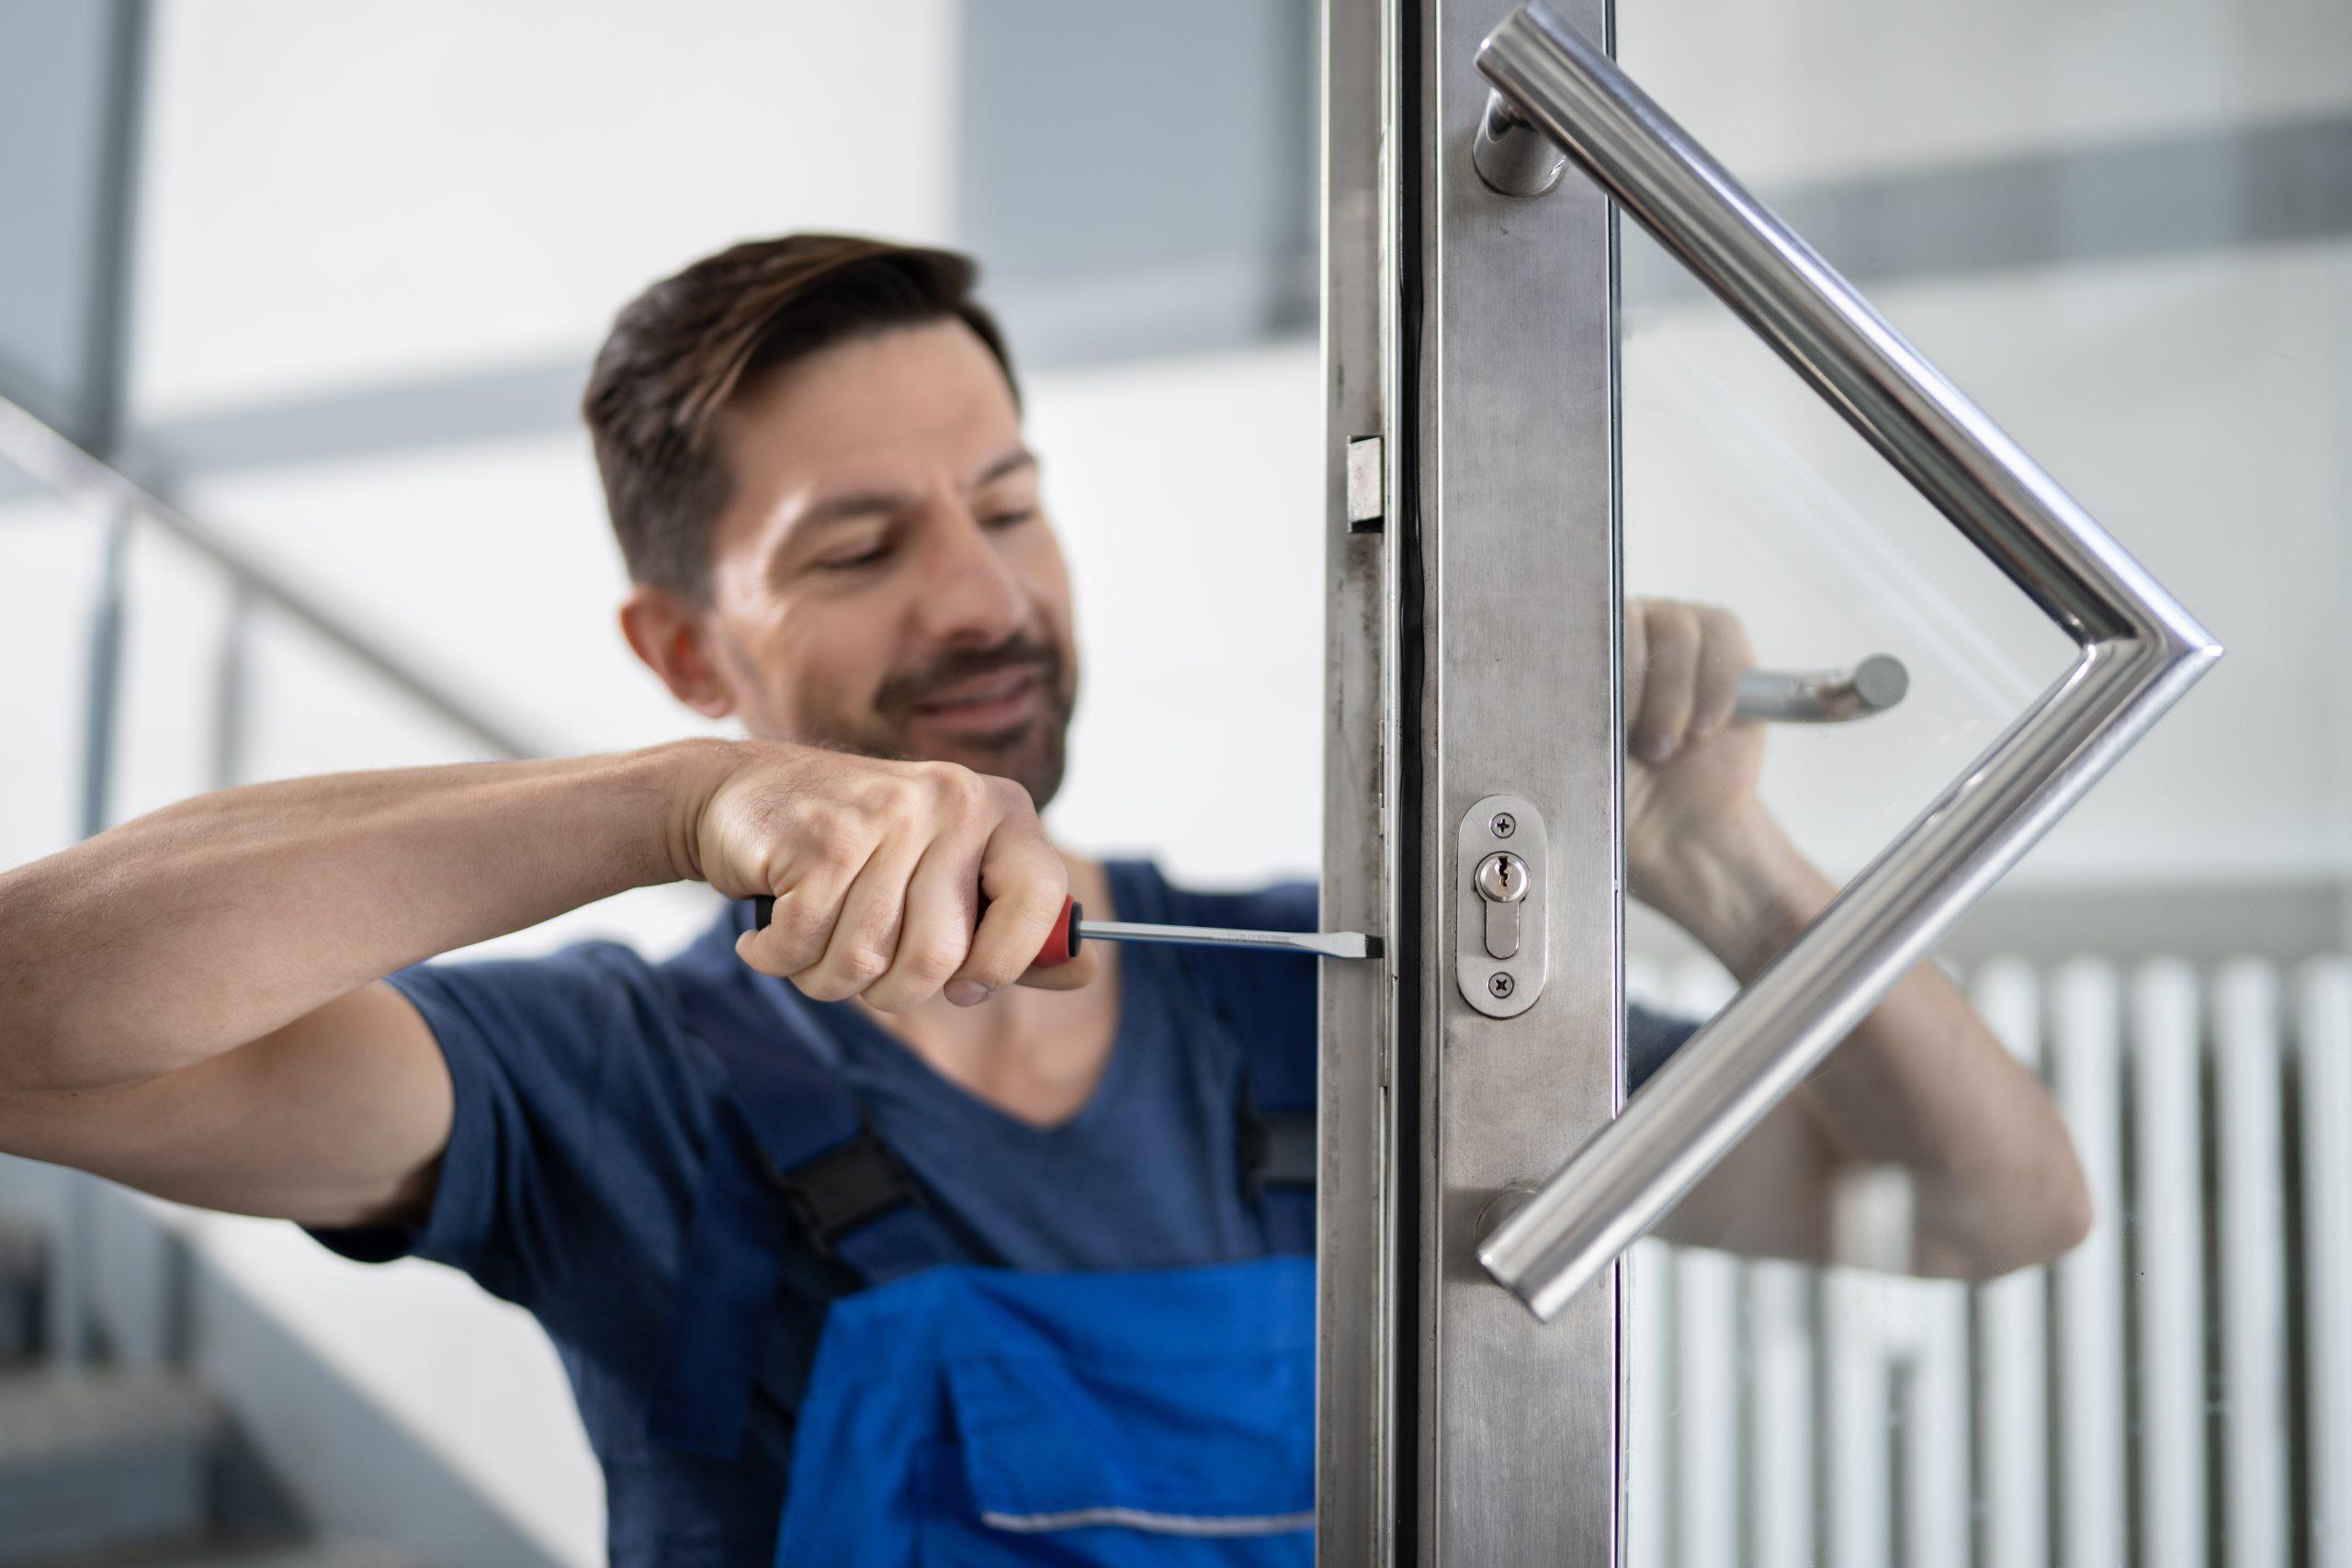 Serrurier réparant une porte vitrée